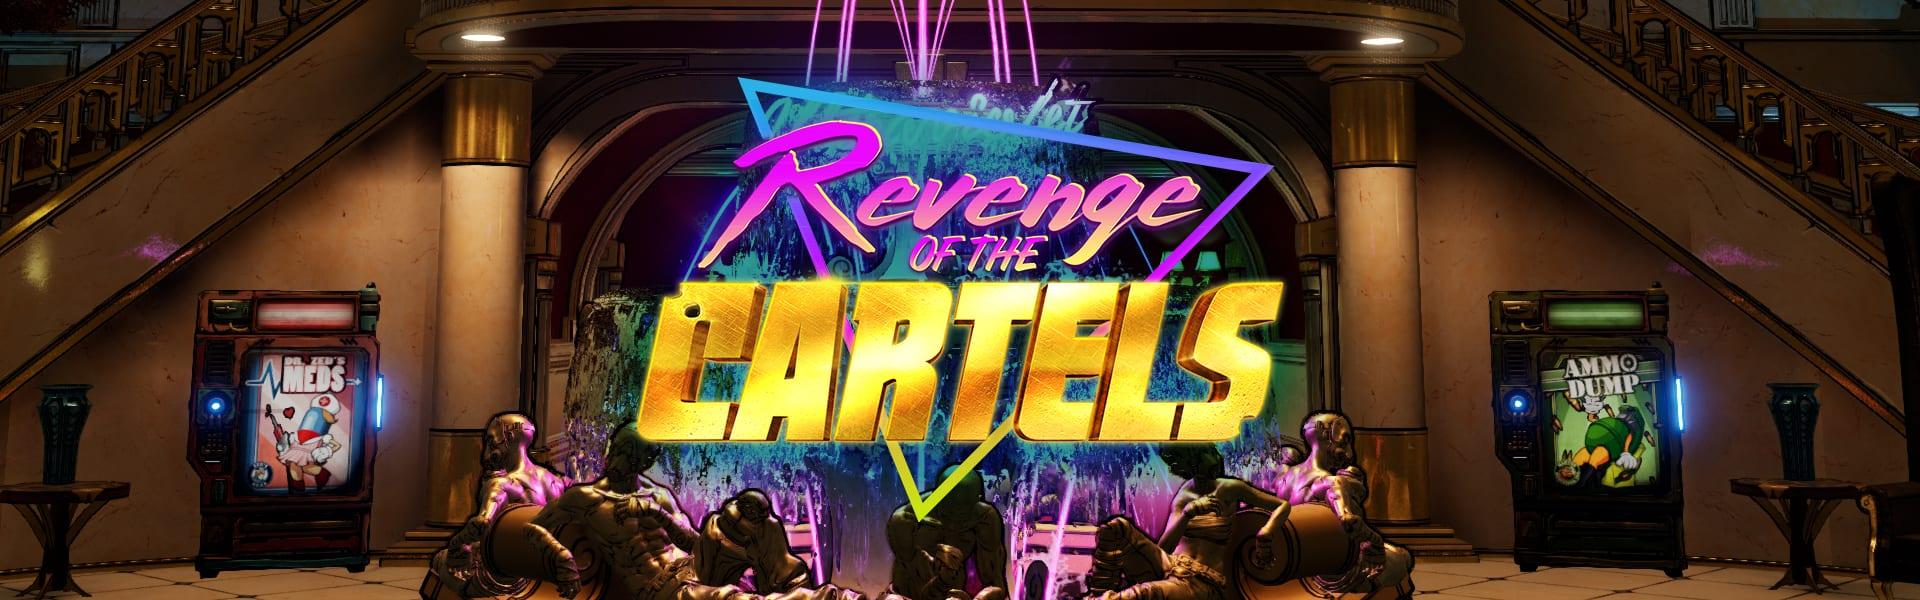 Borderlands 3 Revenge of the Cartels Turn Off